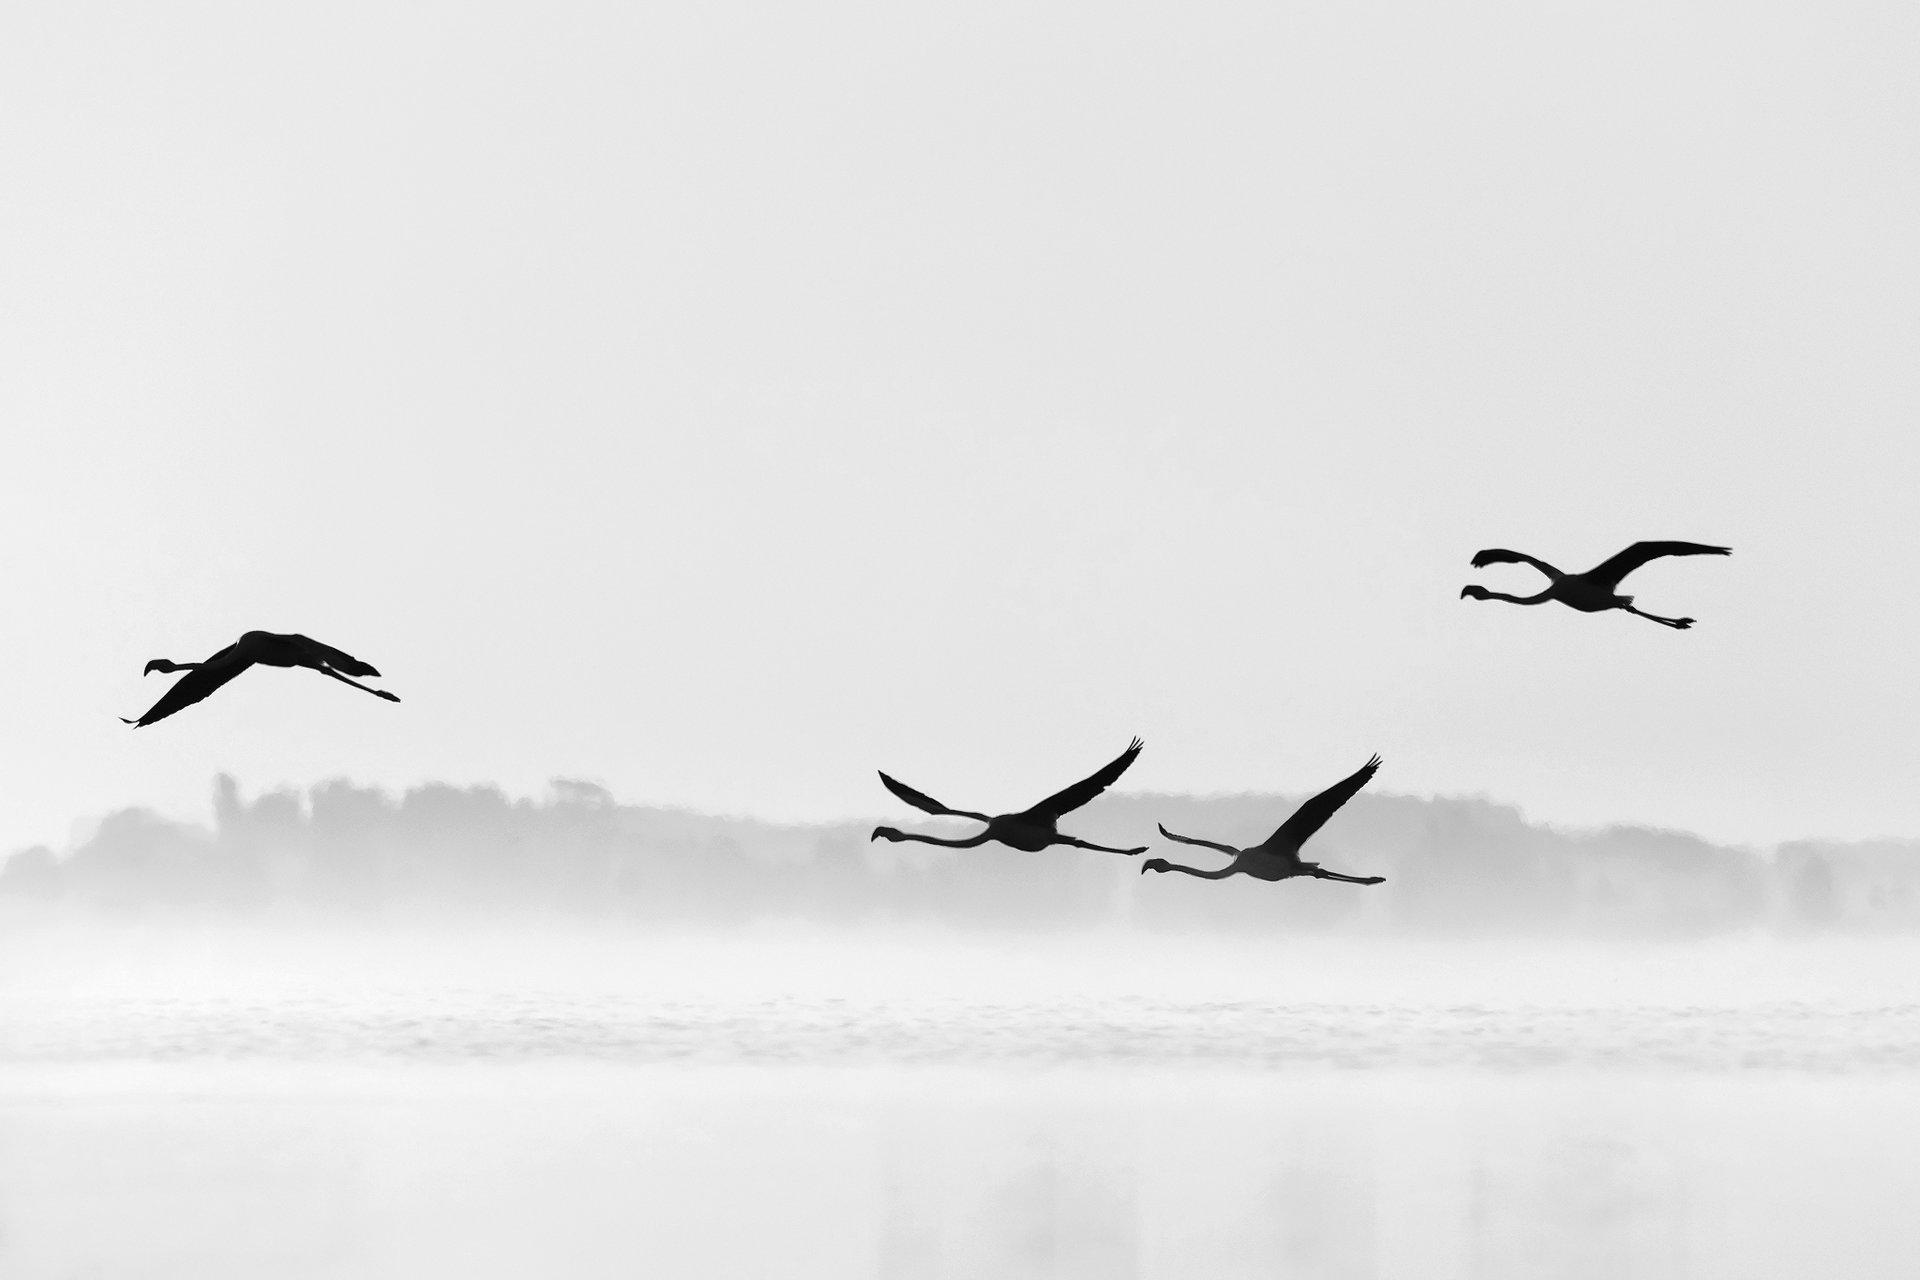 Хармония   Author Dragomir Georgiev - Dragon_bird   PHOTO FORUM